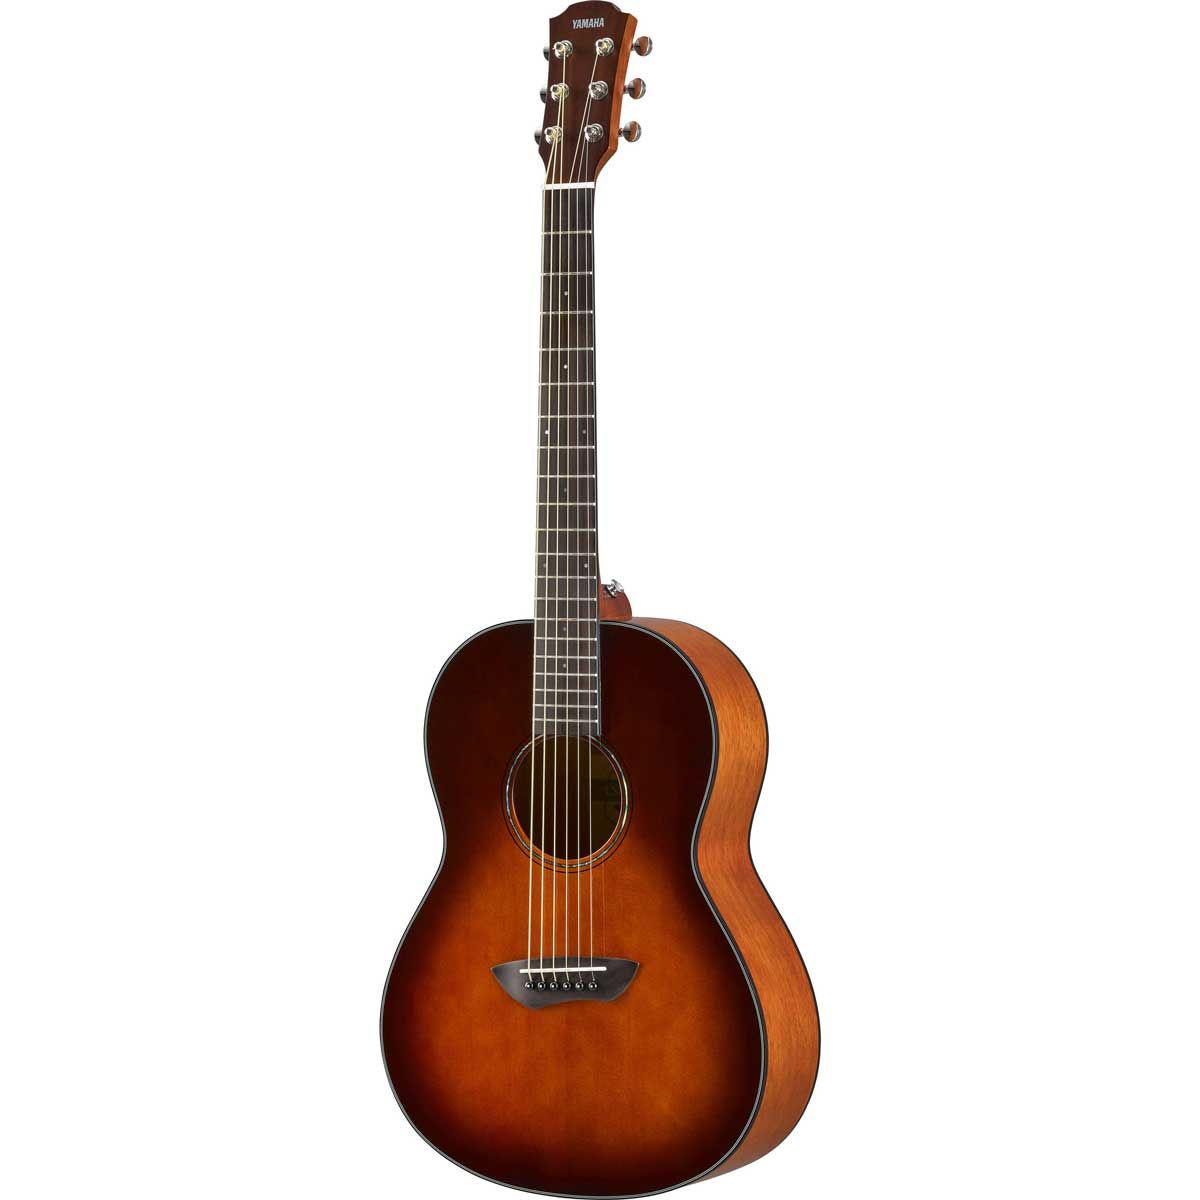 Billede af Yamaha CSF1M TBS western-guitar tobacco brown sunburst